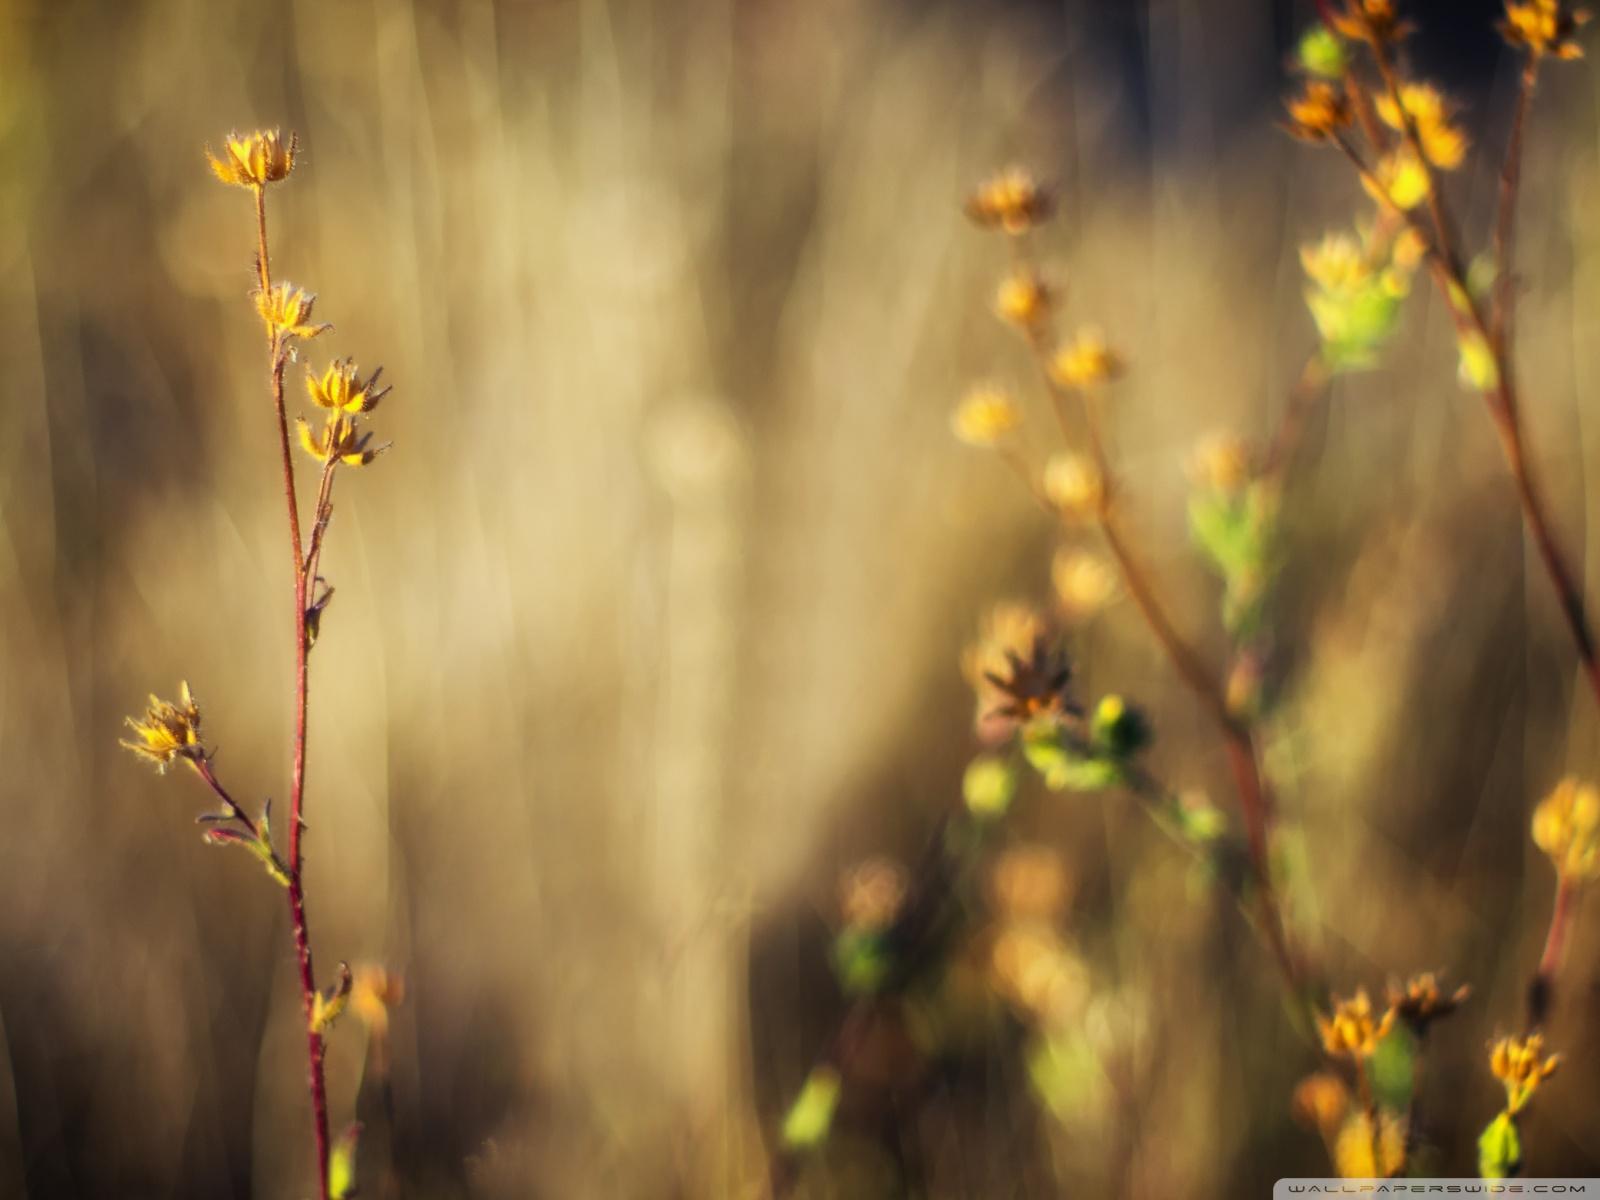 Free Autumn Focus phone wallpaper by matt_kerchner